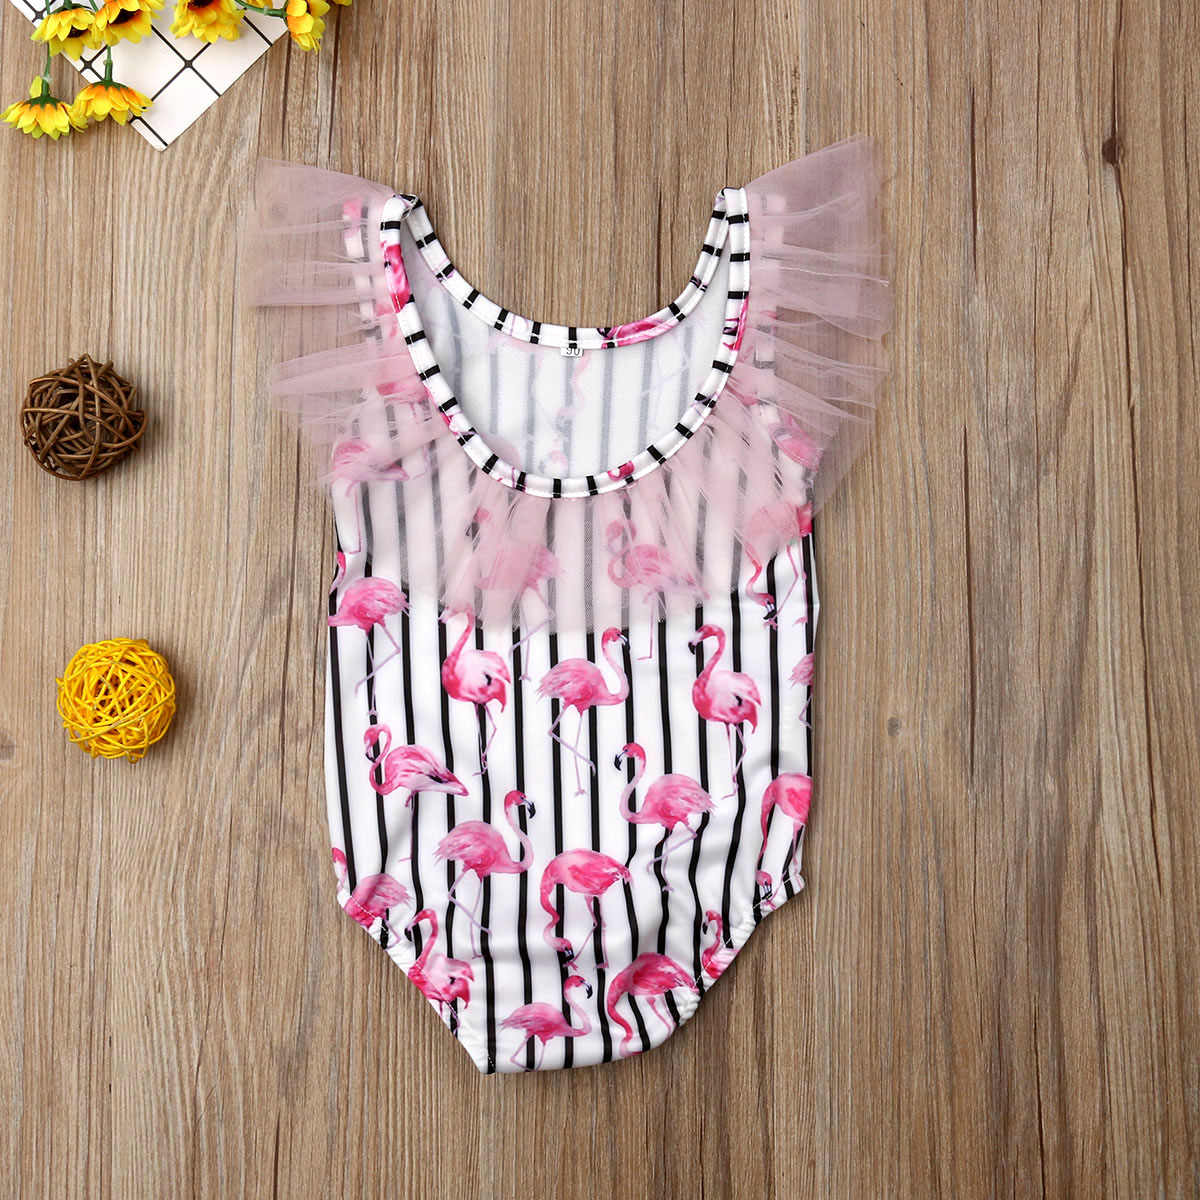 2019 フラミンゴプリント女の子水着ビキニベビーキッズ水着幼児水泳衣装夏の子供ビーチウェア服